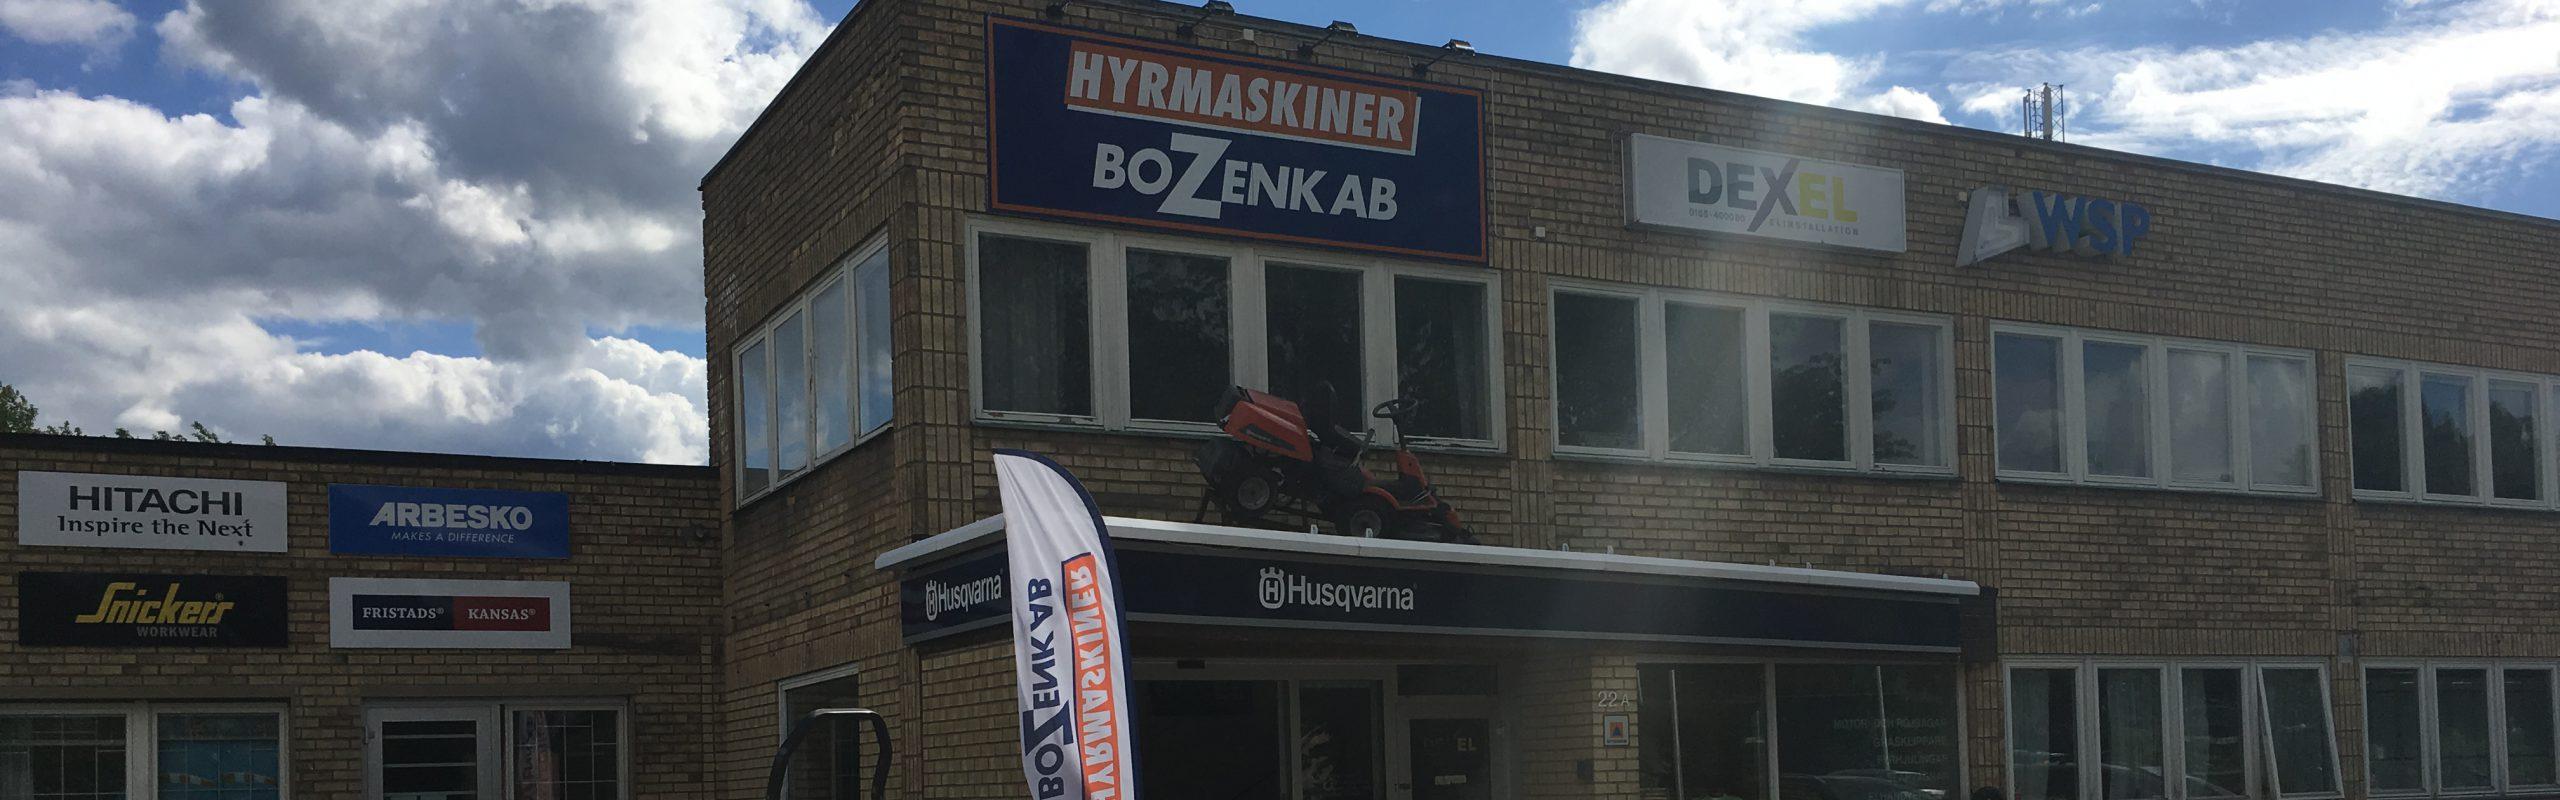 BoZenk AB